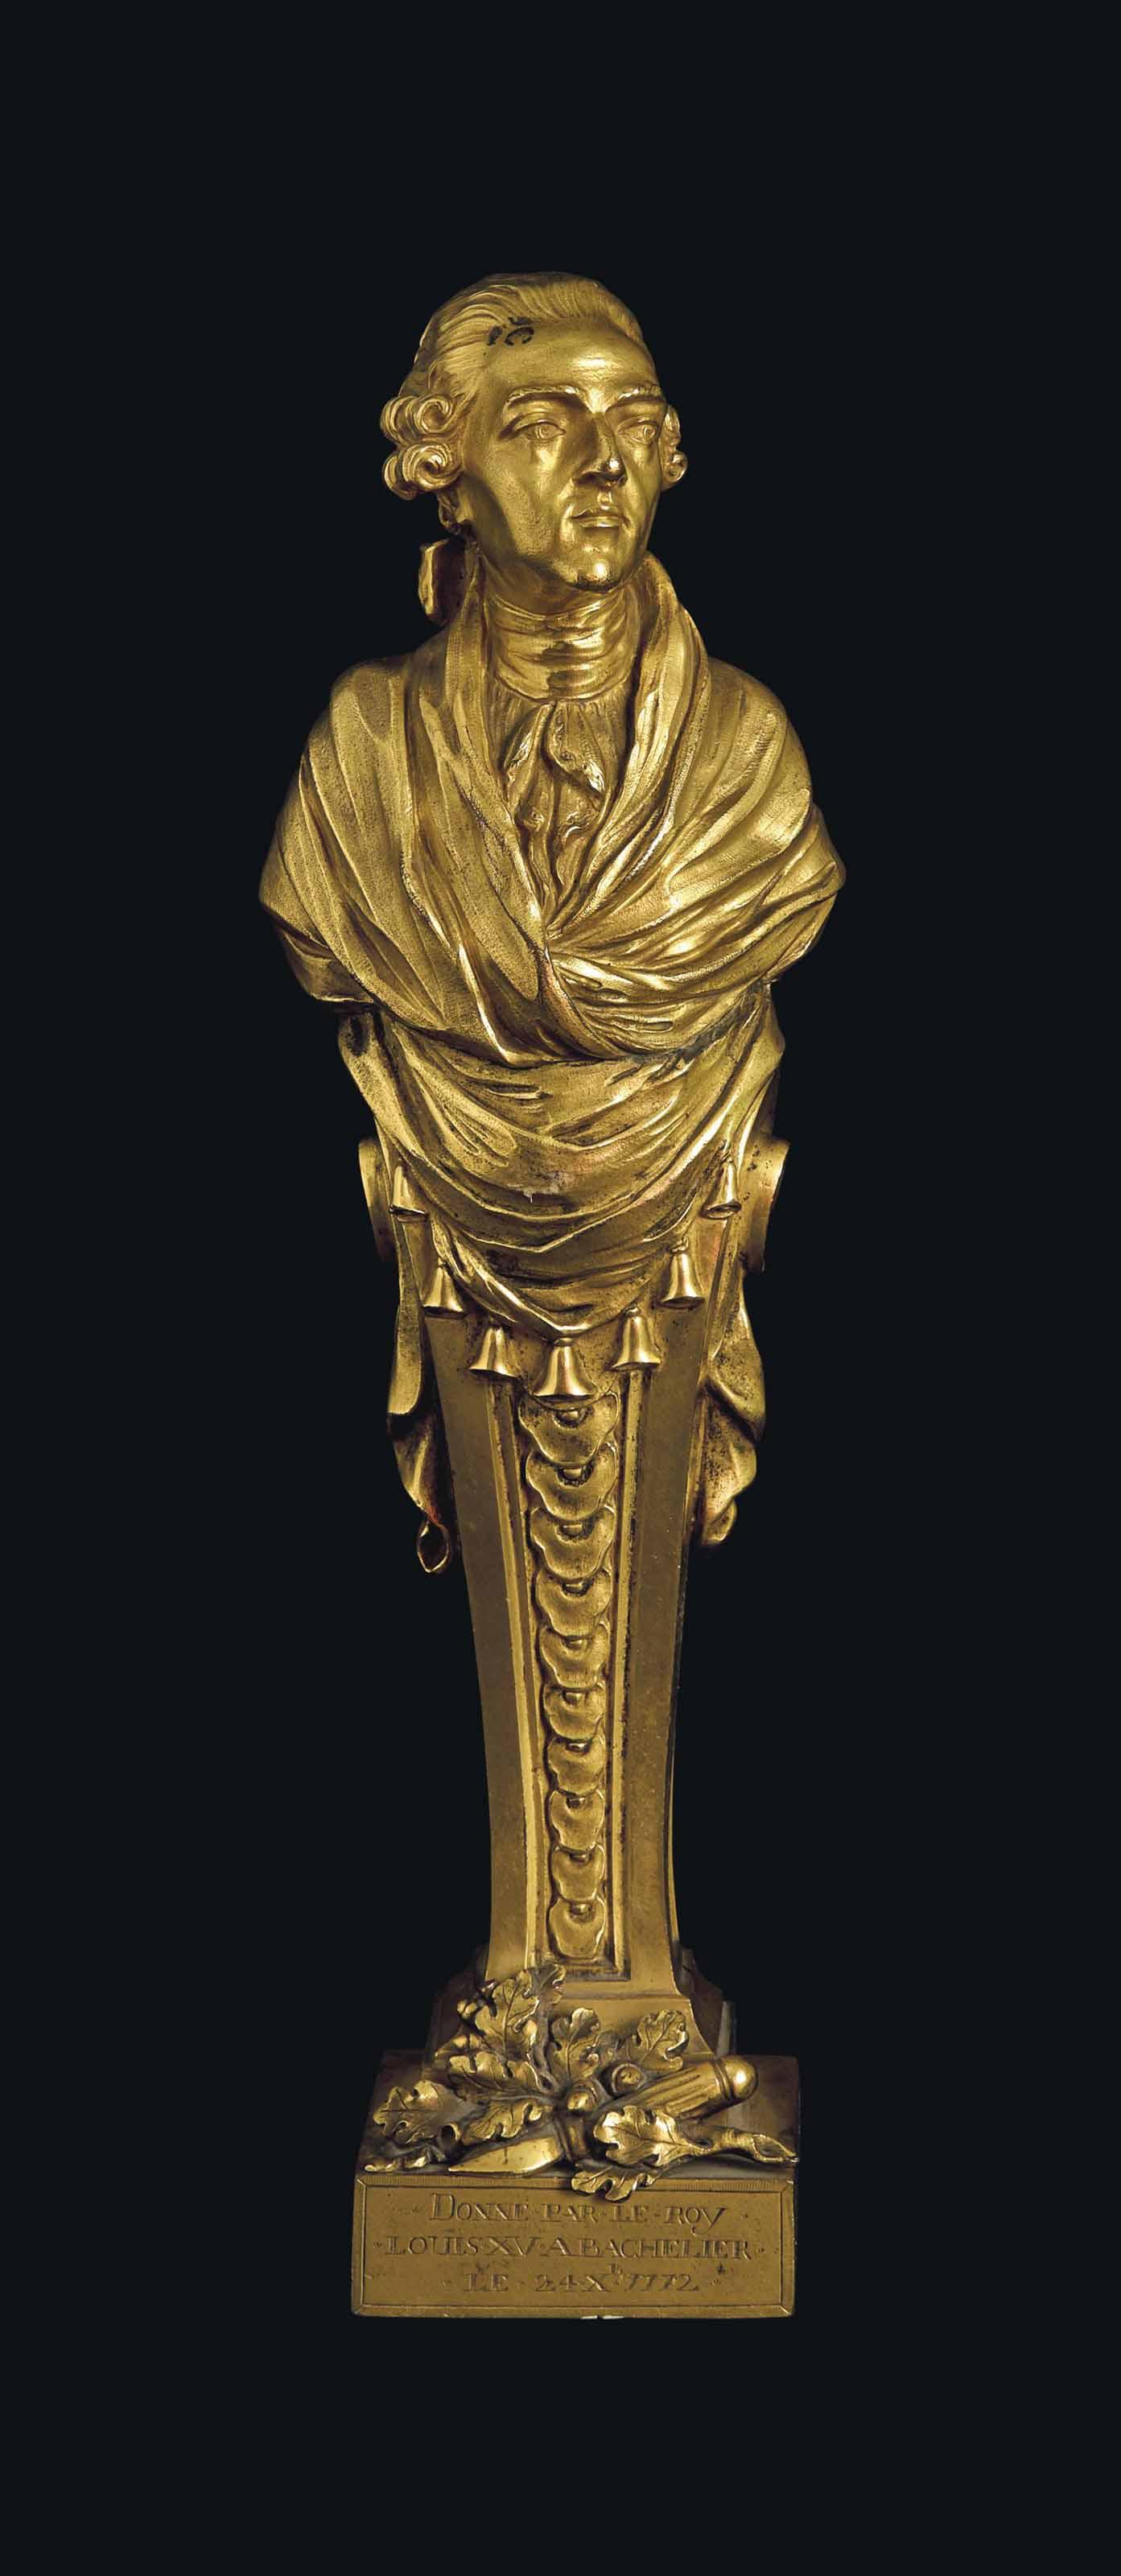 Buste Sur Pied Decoratif terme en bronze dore representant le buste de louis xv